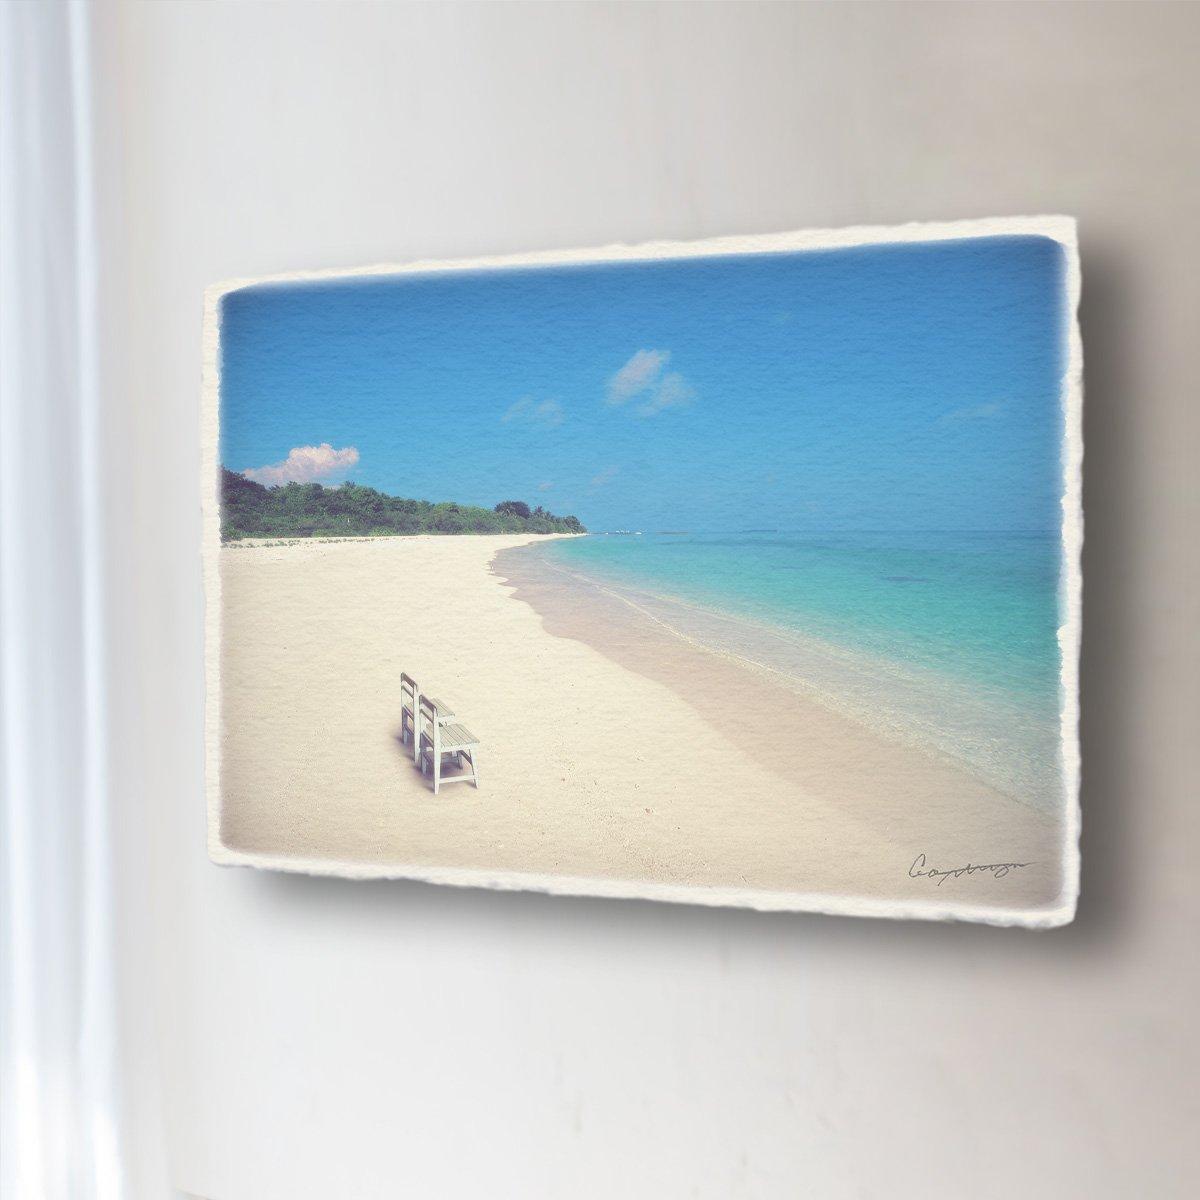 和紙 アートパネル 「どこまでも続く珊瑚礁の砂浜と白い椅子」 (18x12cm) 結婚祝い プレゼント 絵 絵画 壁掛け 壁飾り インテリア アート B07DRNC1FY 11.アートパネル(長辺18cm) 1980円|どこまでも続く珊瑚礁の砂浜と白い椅子 どこまでも続く珊瑚礁の砂浜と白い椅子 11.アートパネル(長辺18cm) 1980円